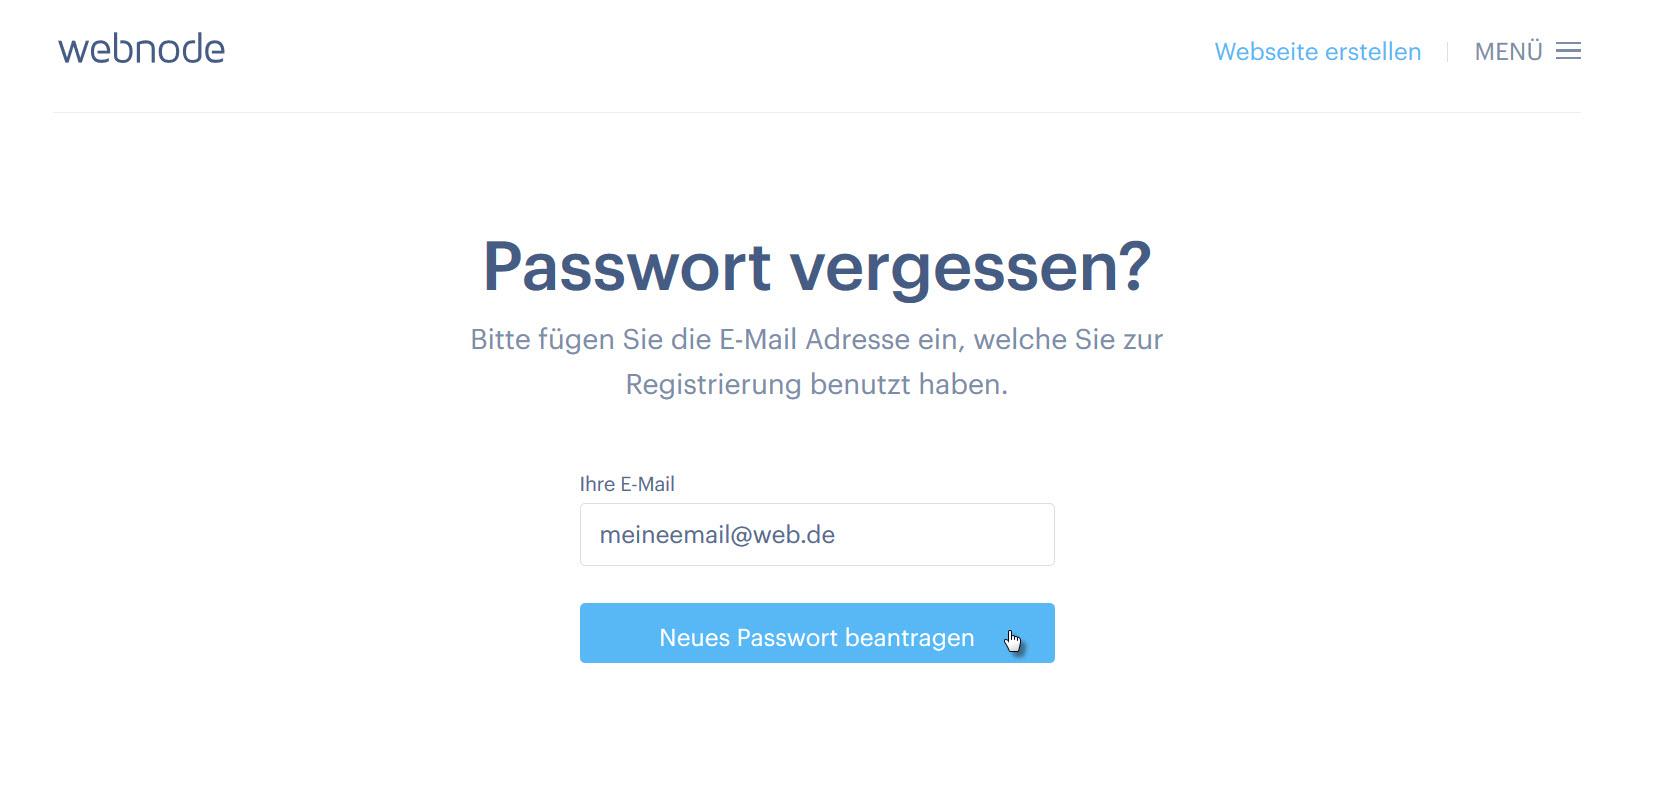 Live.De Passwort Vergessen